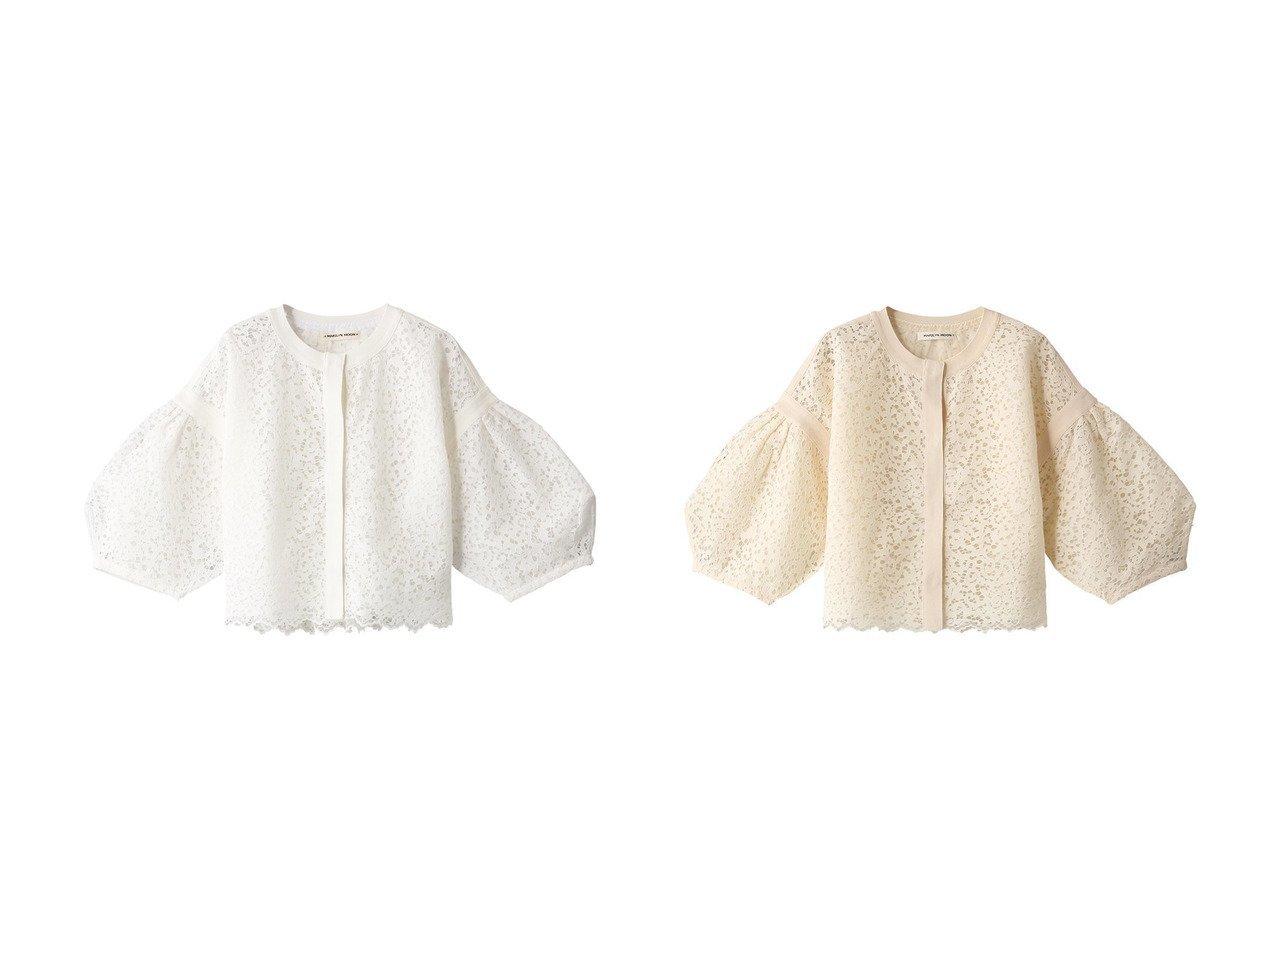 【MARILYN MOON/マリリンムーン】のミラノリブレースジャケット アウターのおすすめ!人気、トレンド・レディースファッションの通販 おすすめで人気の流行・トレンド、ファッションの通販商品 メンズファッション・キッズファッション・インテリア・家具・レディースファッション・服の通販 founy(ファニー) https://founy.com/ ファッション Fashion レディースファッション WOMEN アウター Coat Outerwear ジャケット Jackets 2021年 2021 2021 春夏 S/S SS Spring/Summer 2021 S/S 春夏 SS Spring/Summer オケージョン ジャケット スリーブ ミラノリブ レース 春 Spring |ID:crp329100000024796